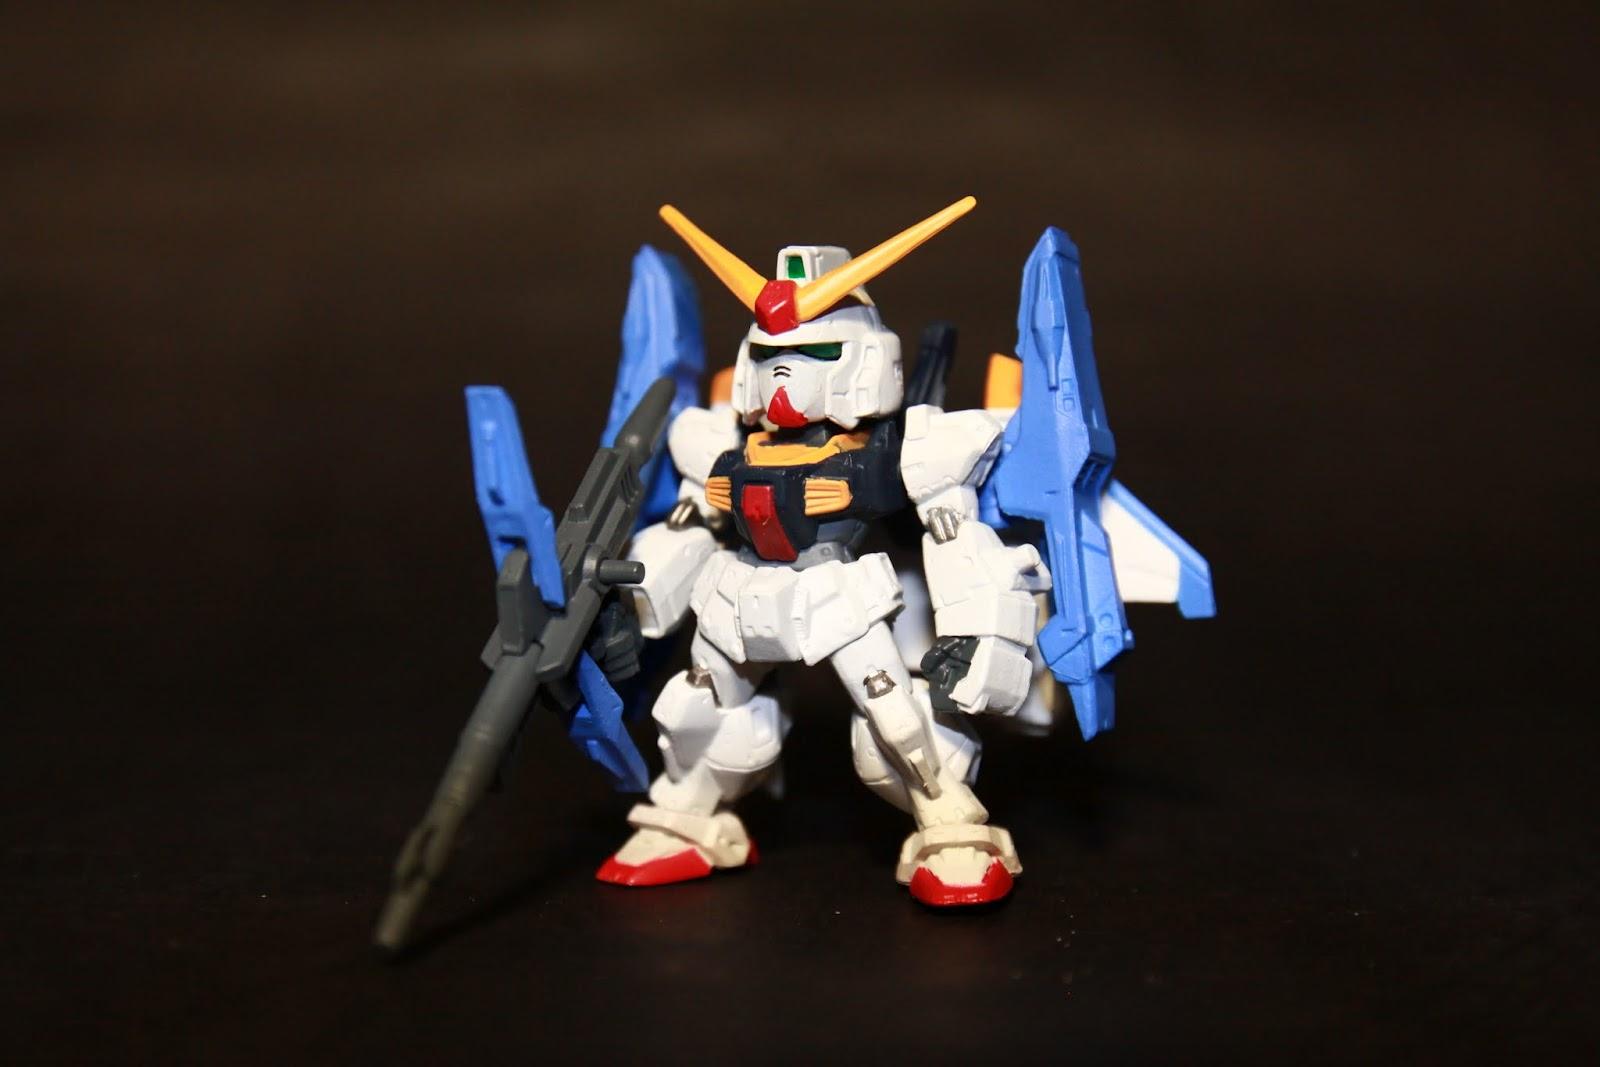 合體後稱為Super Gundam 雖然是提高性能 但基本上應該比較像是從泛用機變成中遠距離支援機